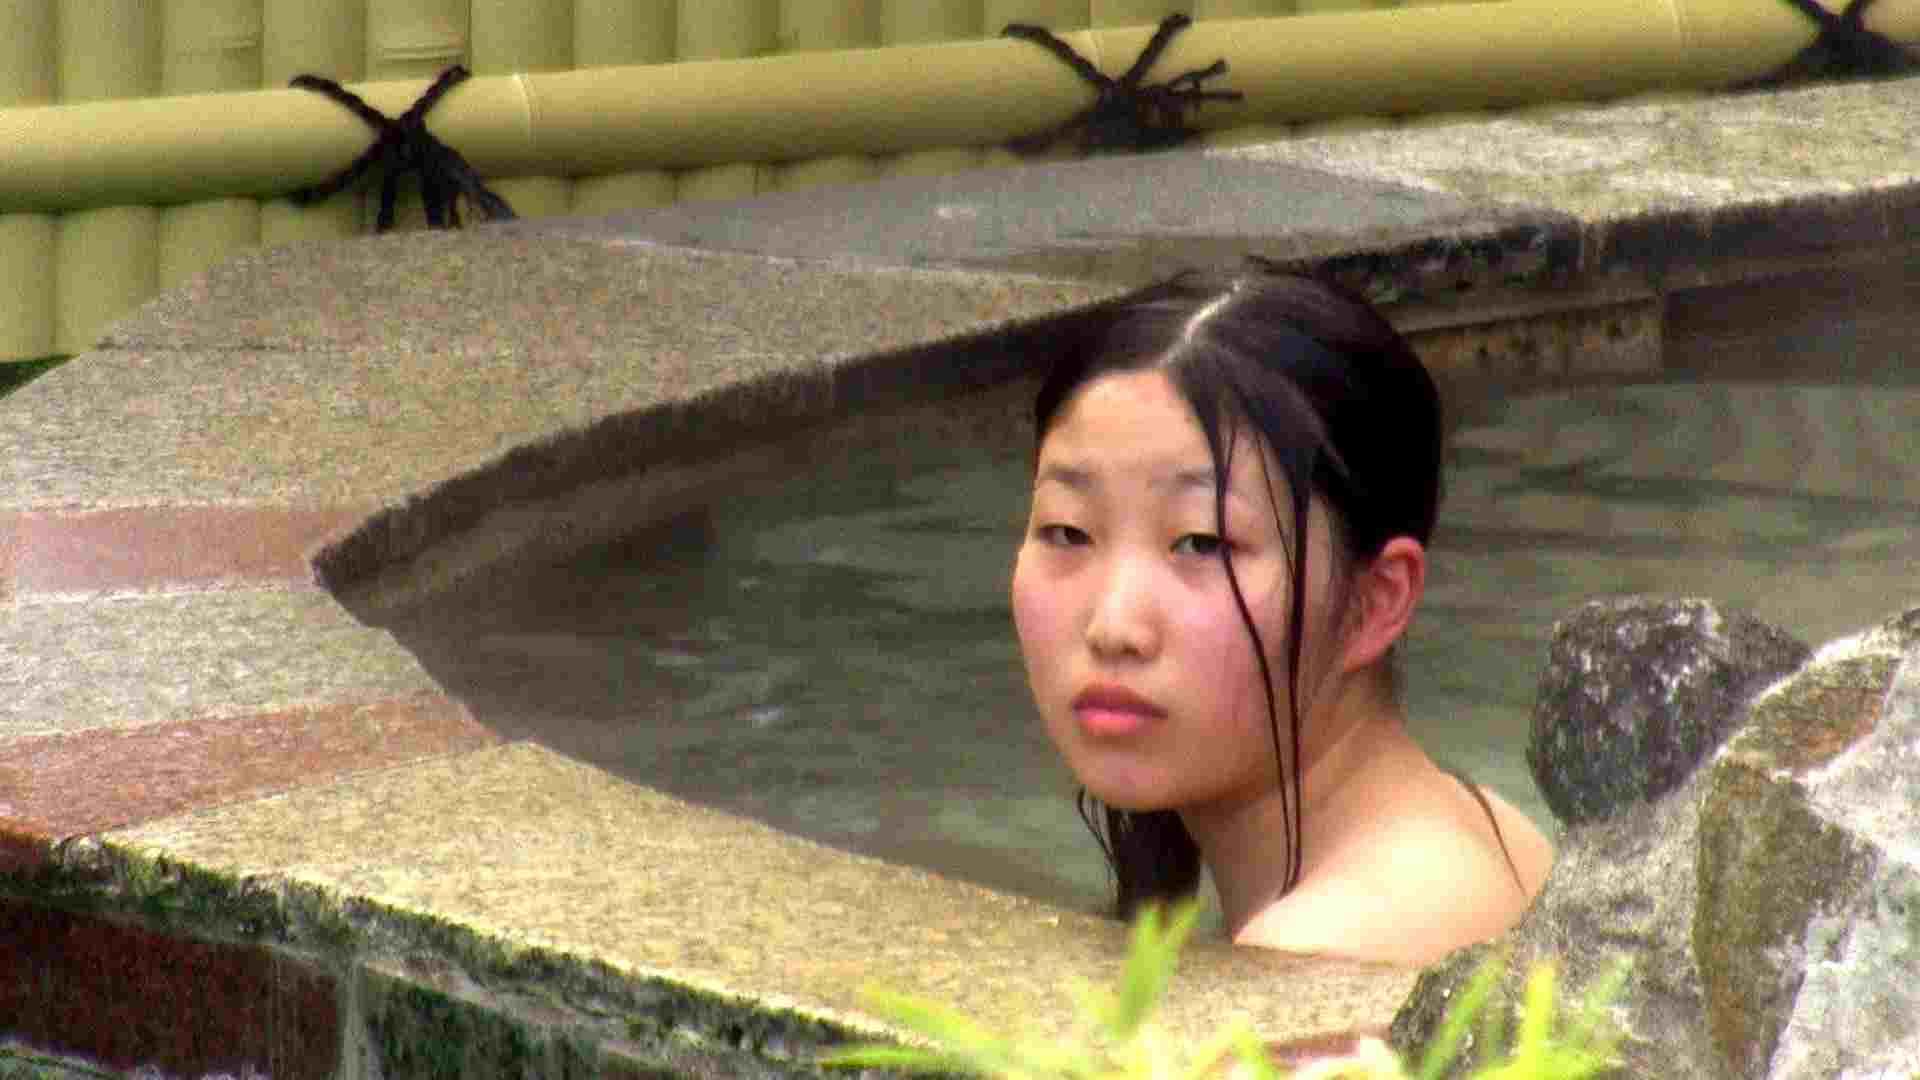 Aquaな露天風呂Vol.218 綺麗なOLたち | 盗撮  75枚 43